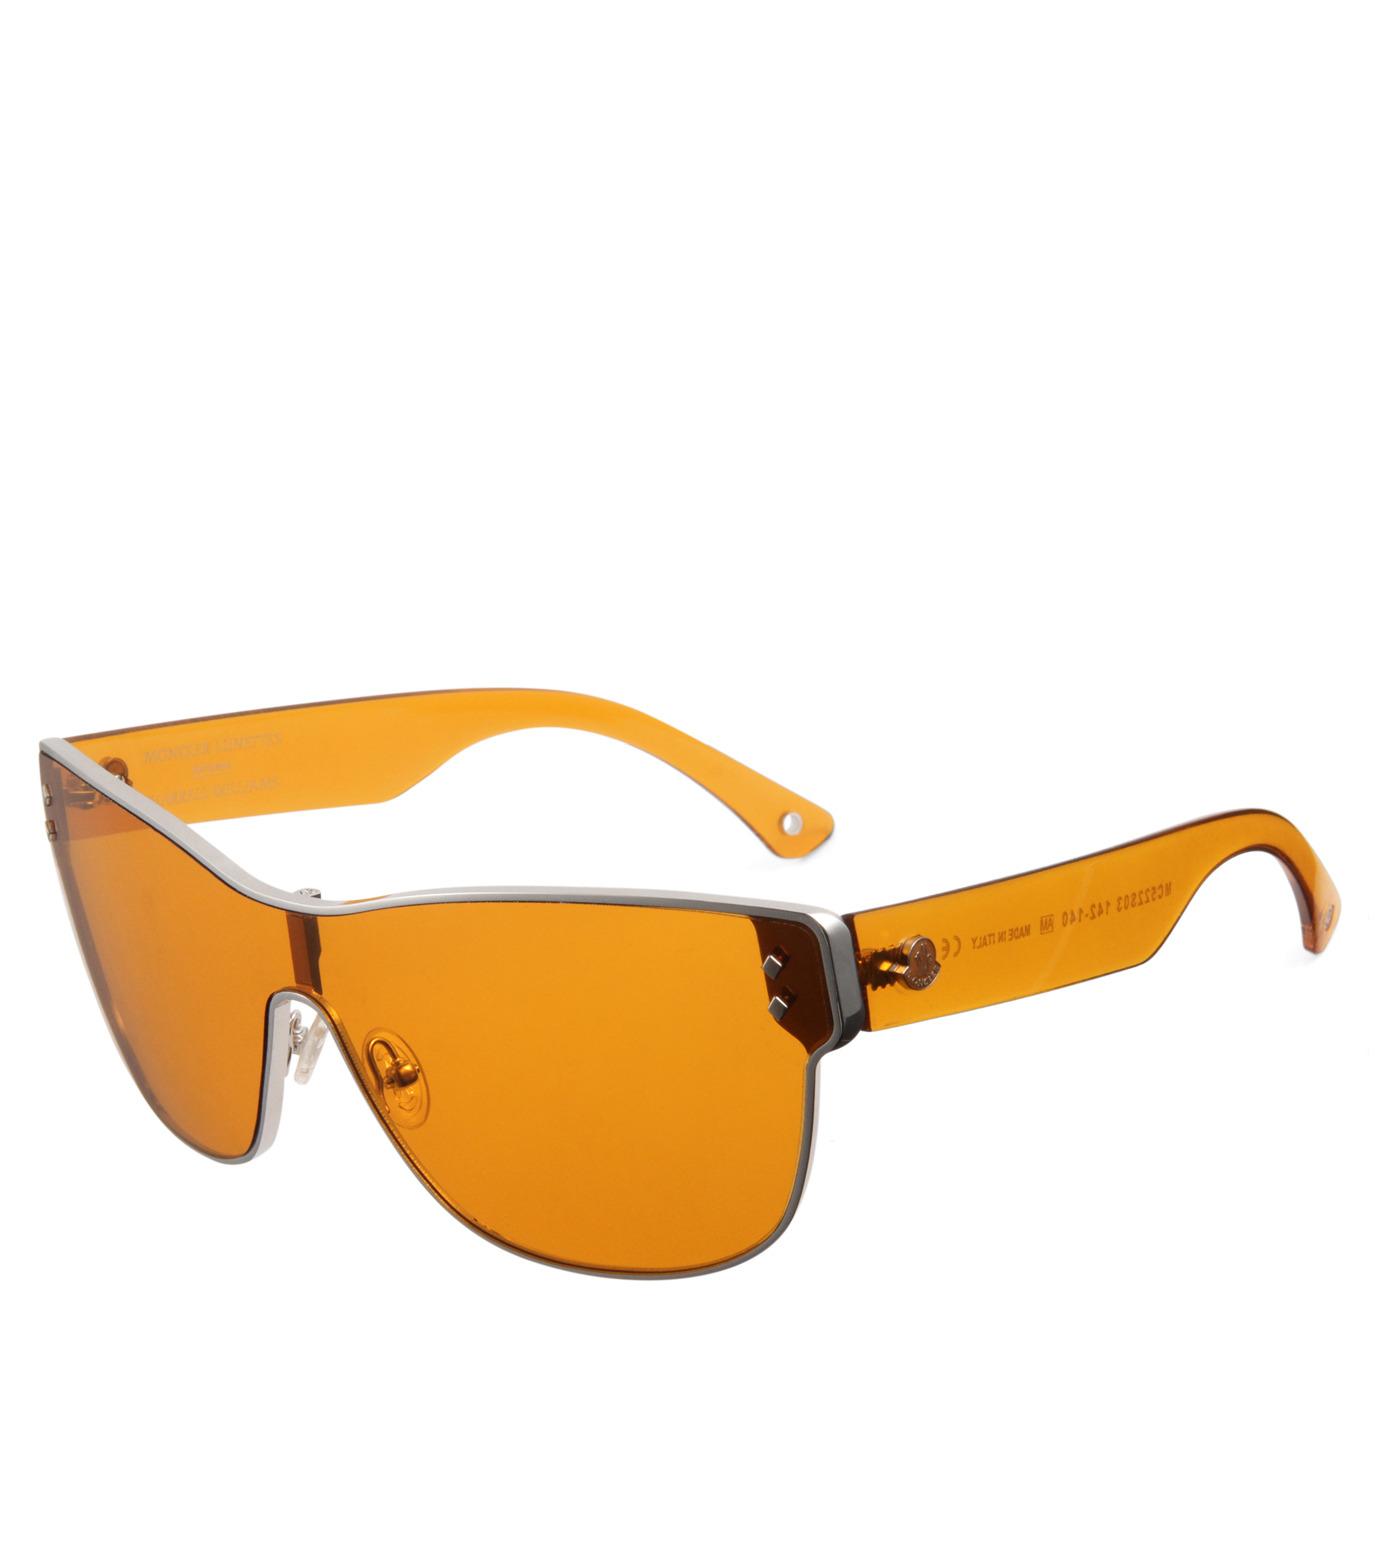 Moncler Eyewear(モンクレールアイウェア)のEYEWEAR-YELLOW(アイウェア/eyewear)-MC522-32 拡大詳細画像1